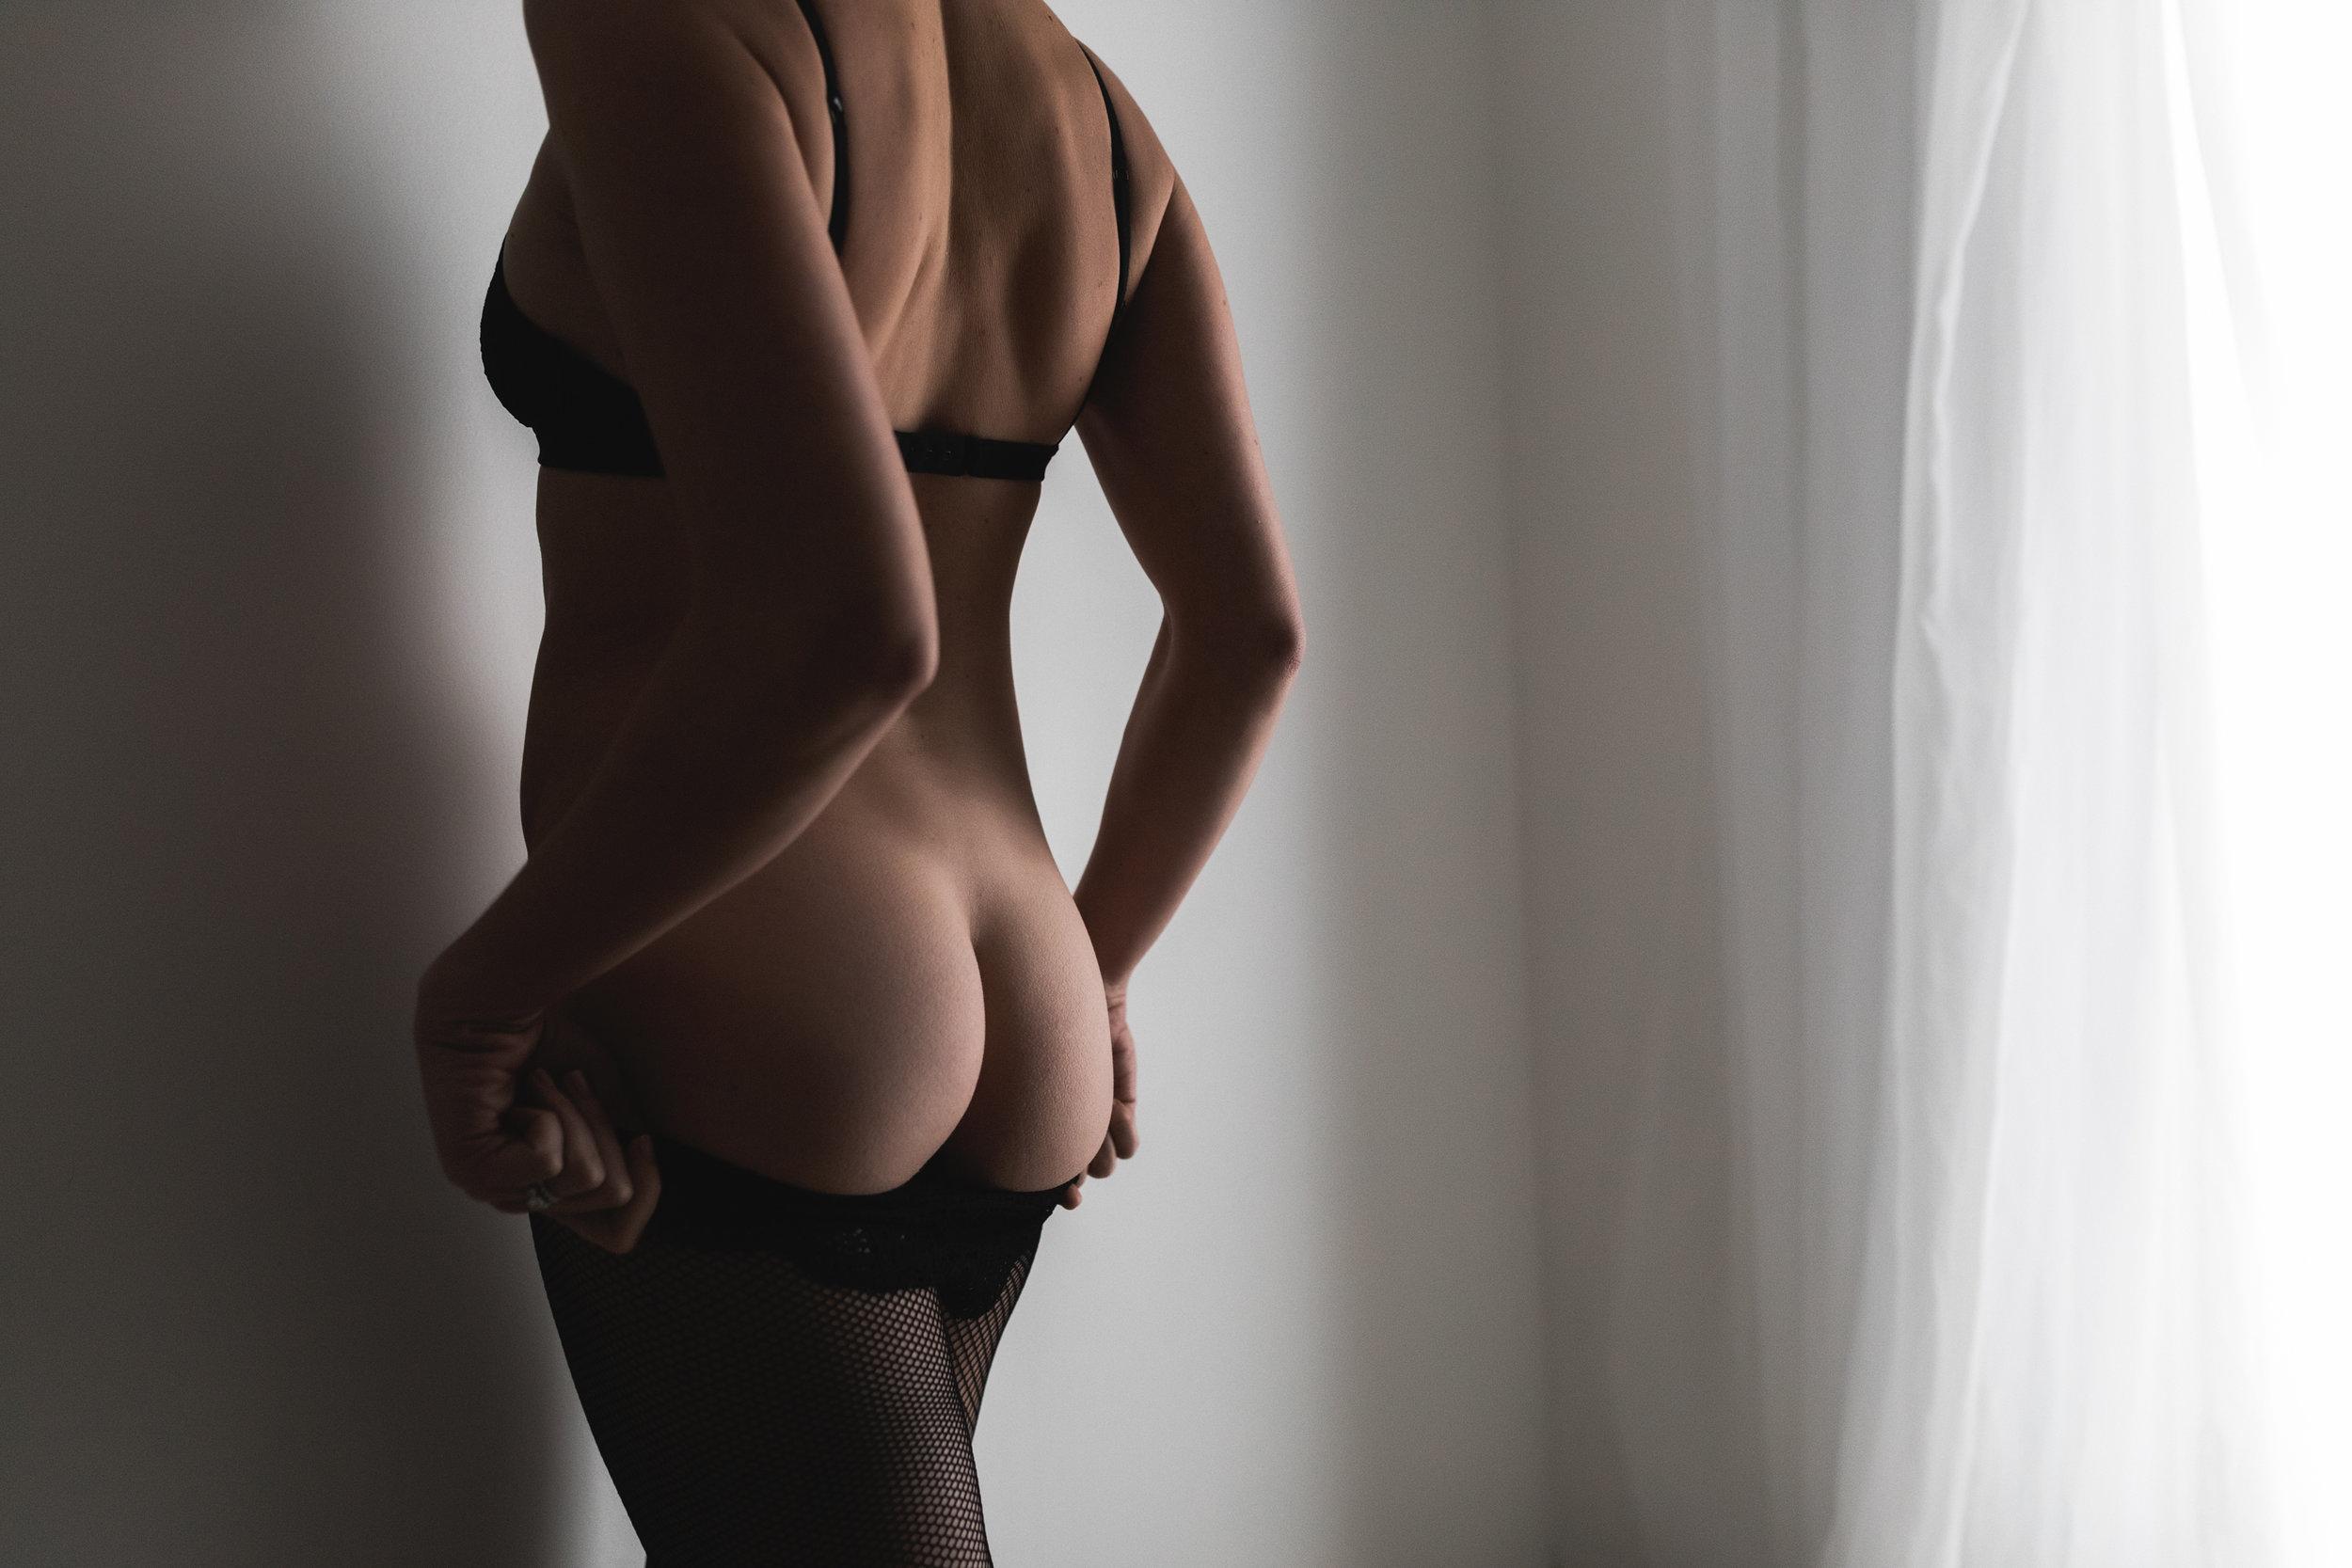 arlington va boudoir photographer